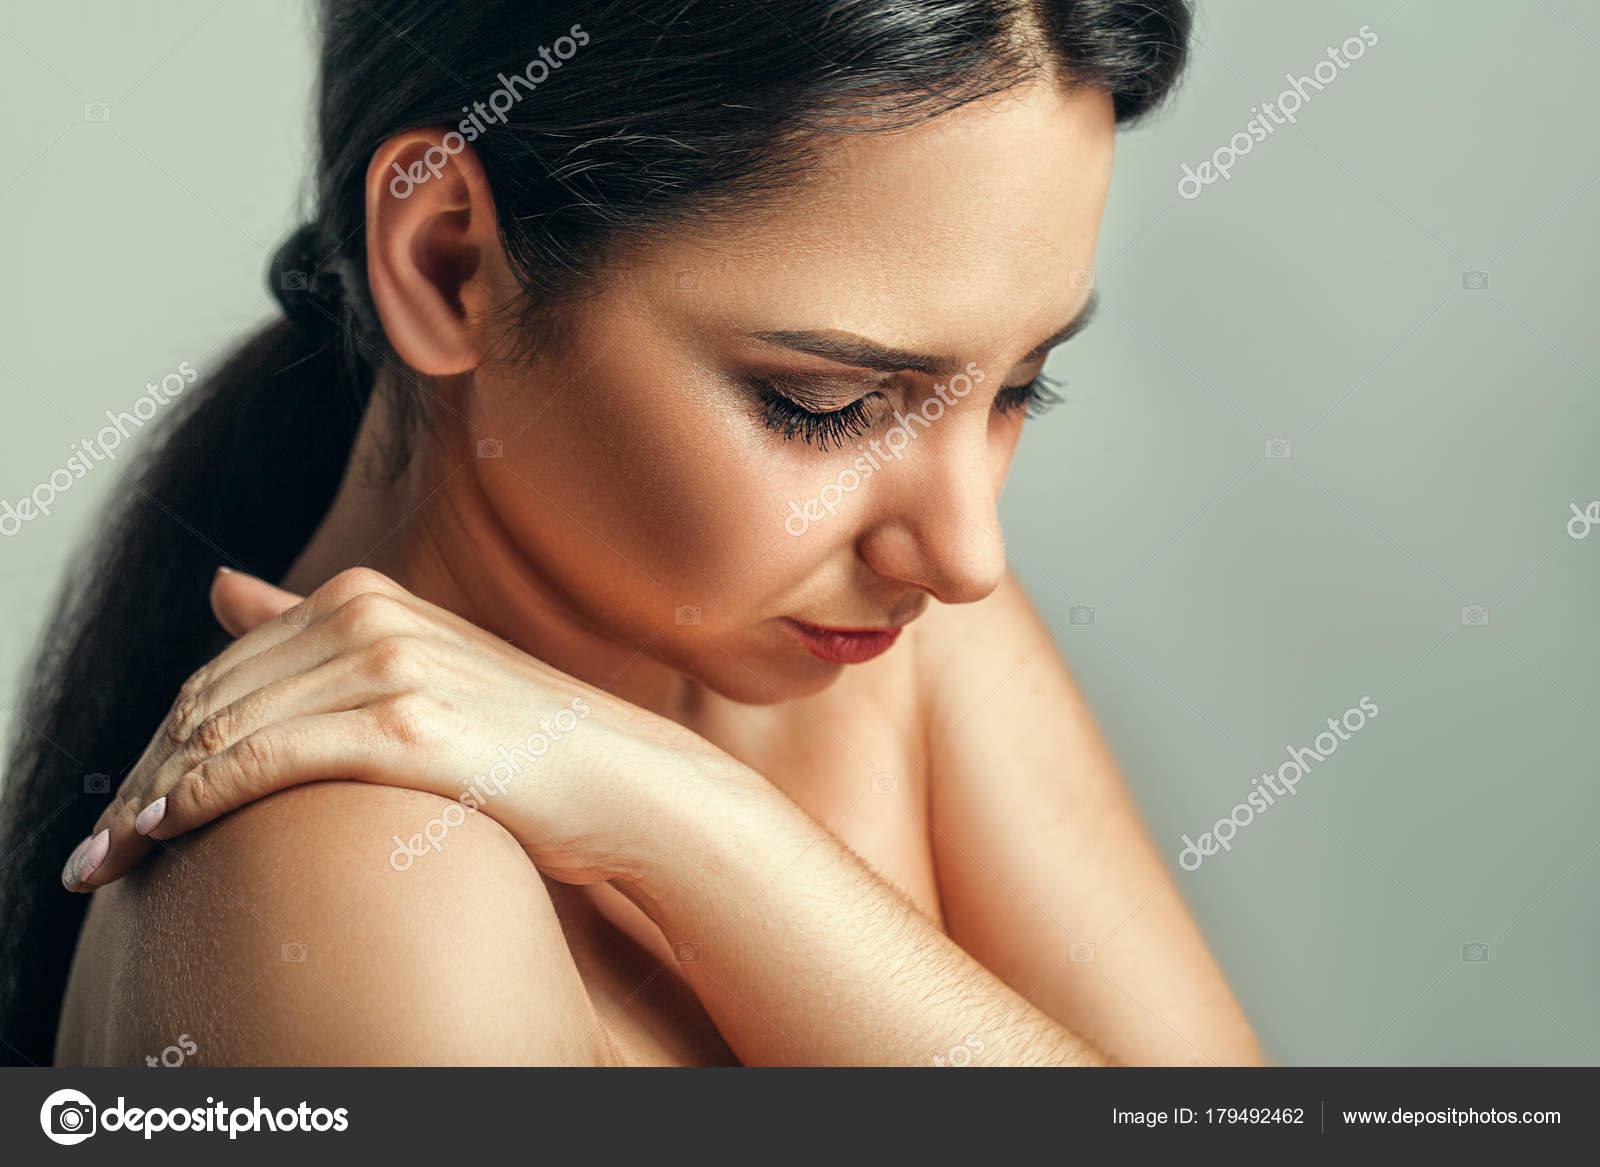 λεσβιακό σεξ μύηση